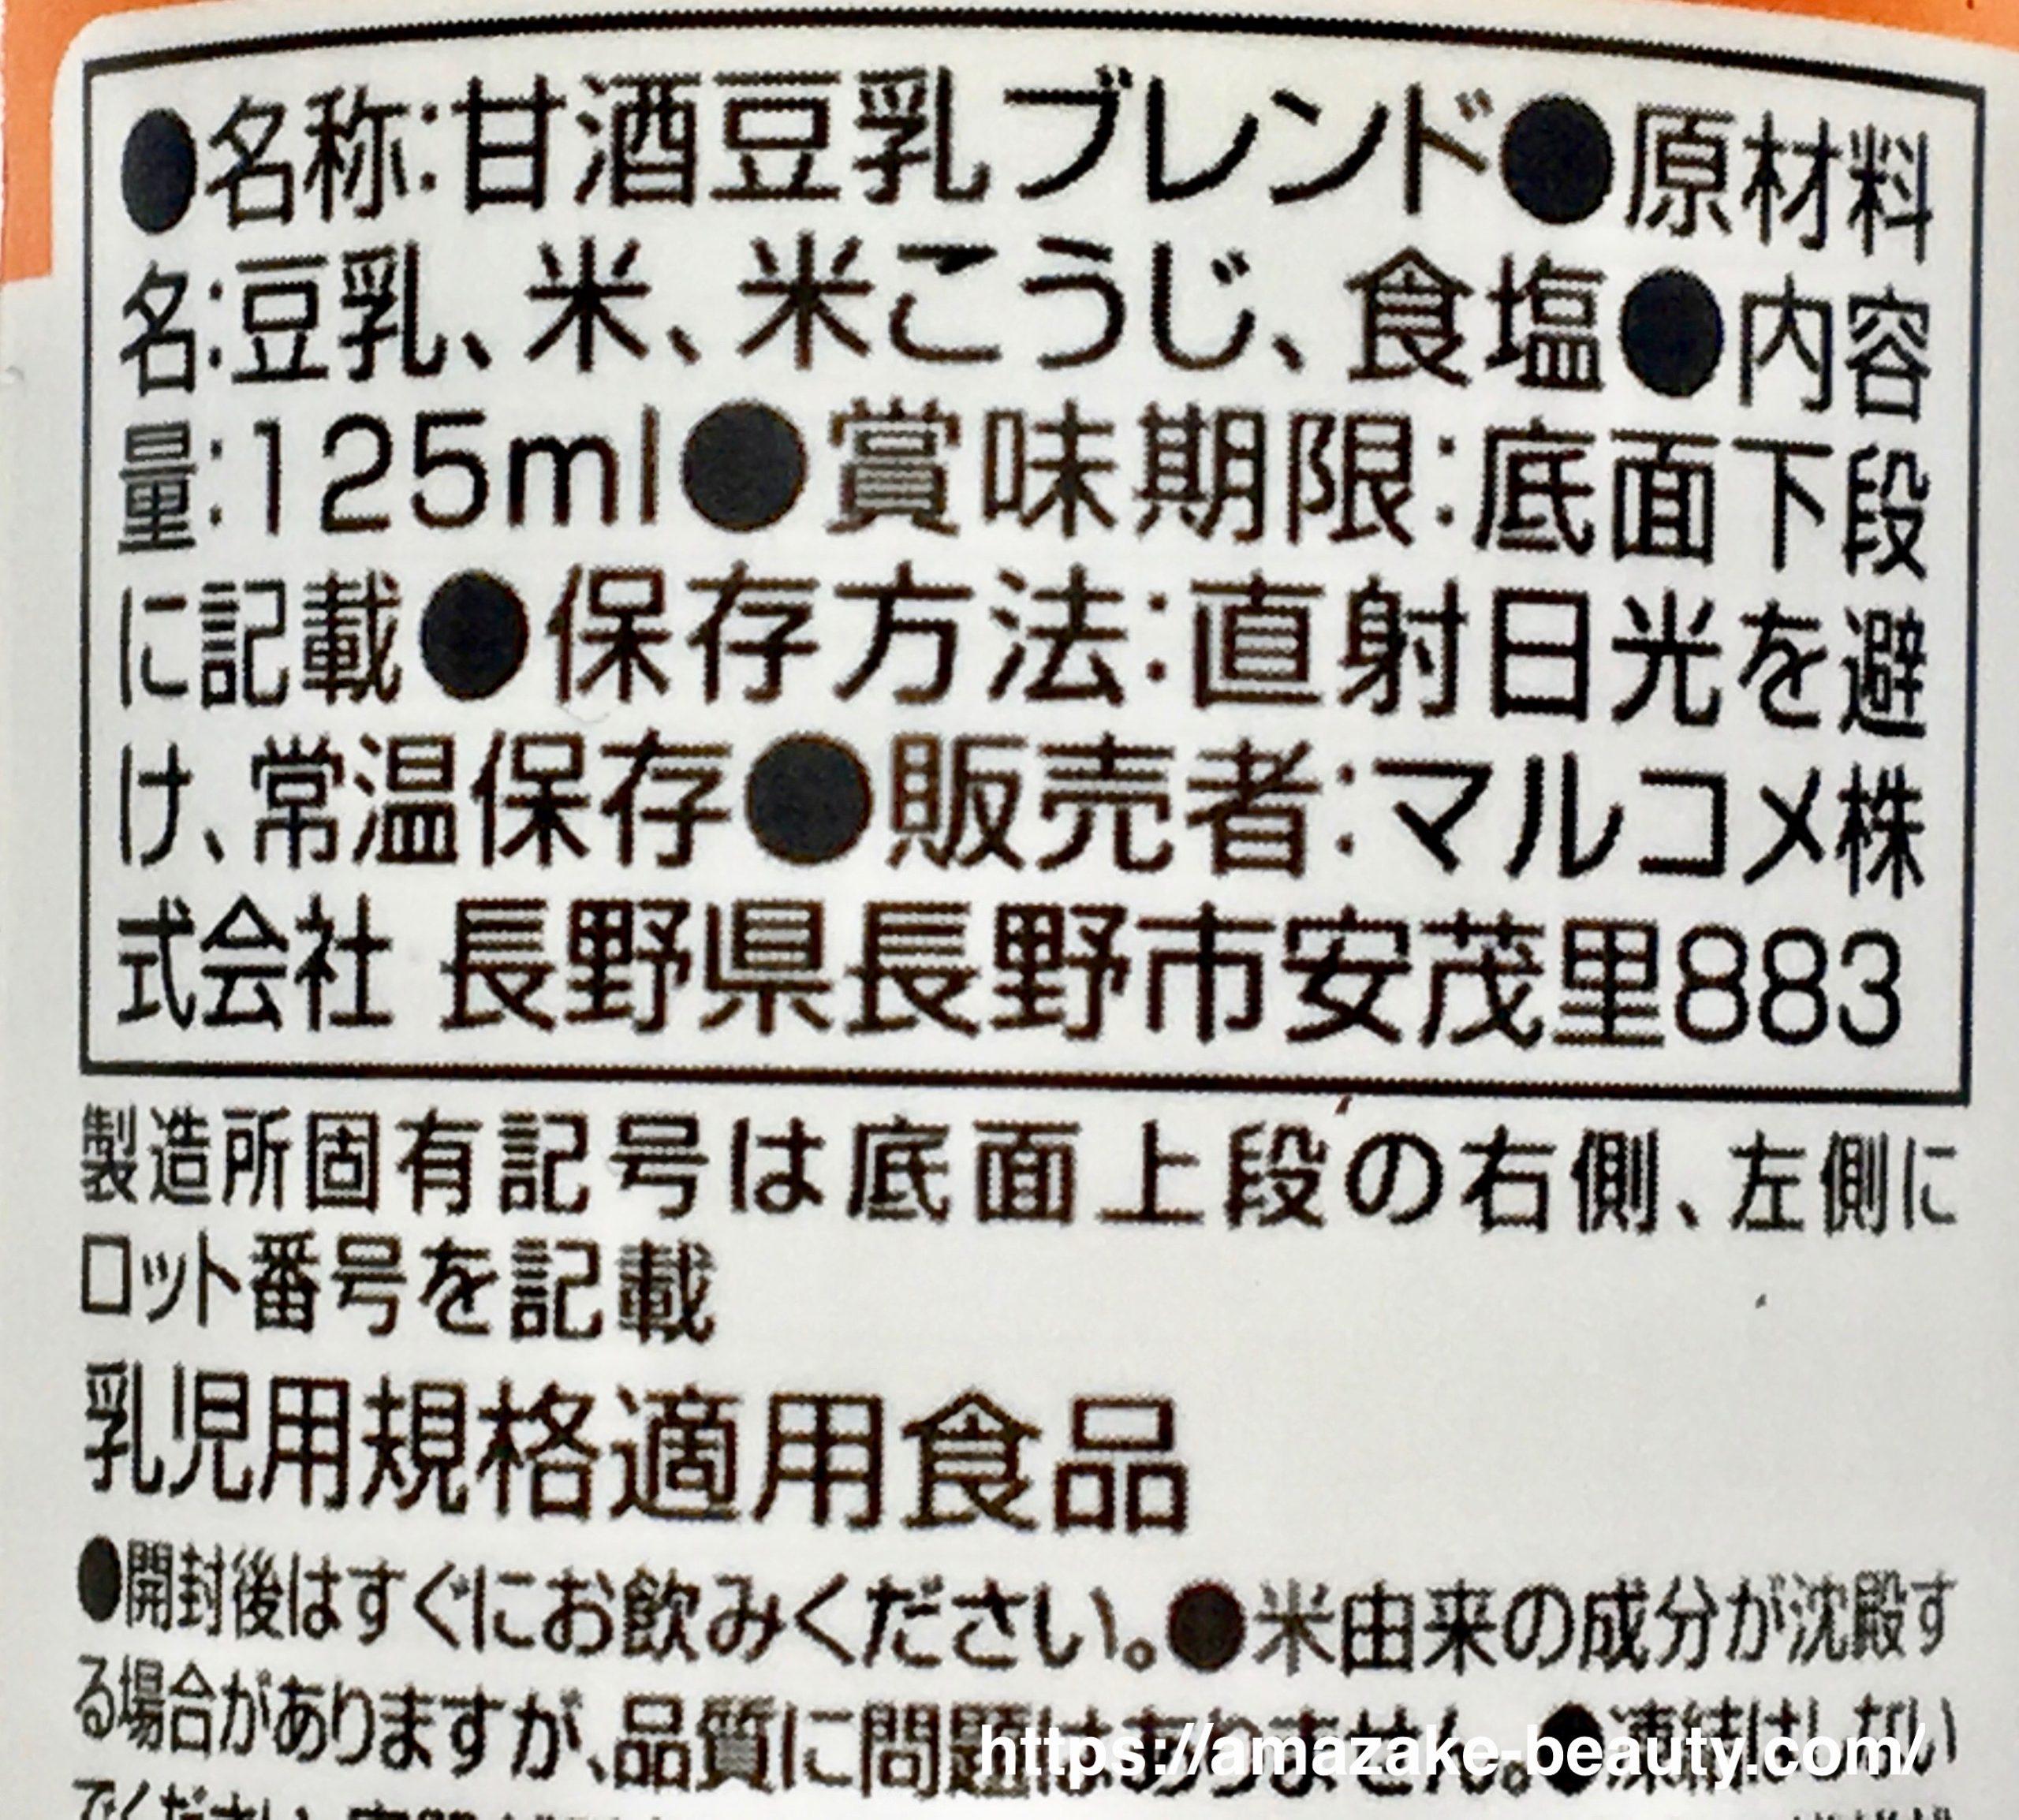 【甘酒】マルコメ『糀甘酒(豆乳ブレンド)』(商品情報)